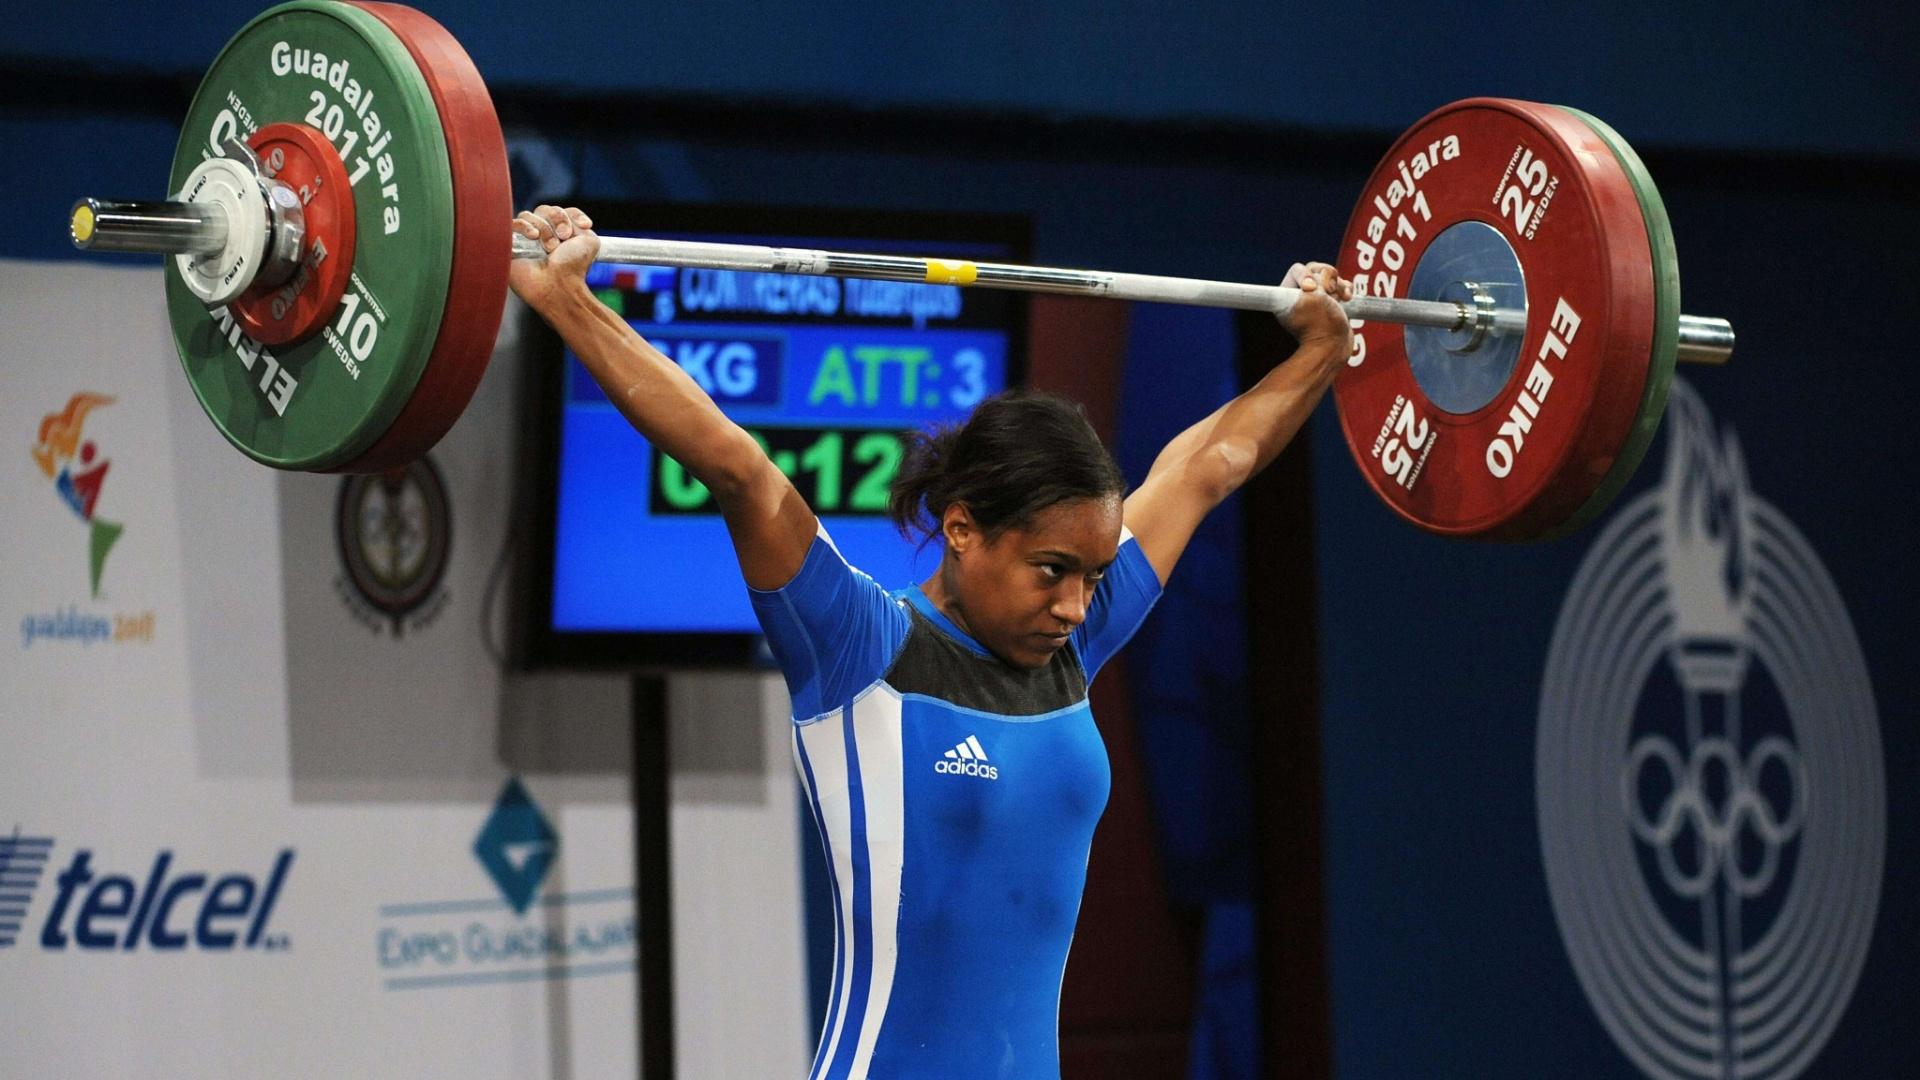 A dominicana Yuderquis Contreras quebrou o recorde Pan-Americano no levantamento de peso, categoria até 53 kg